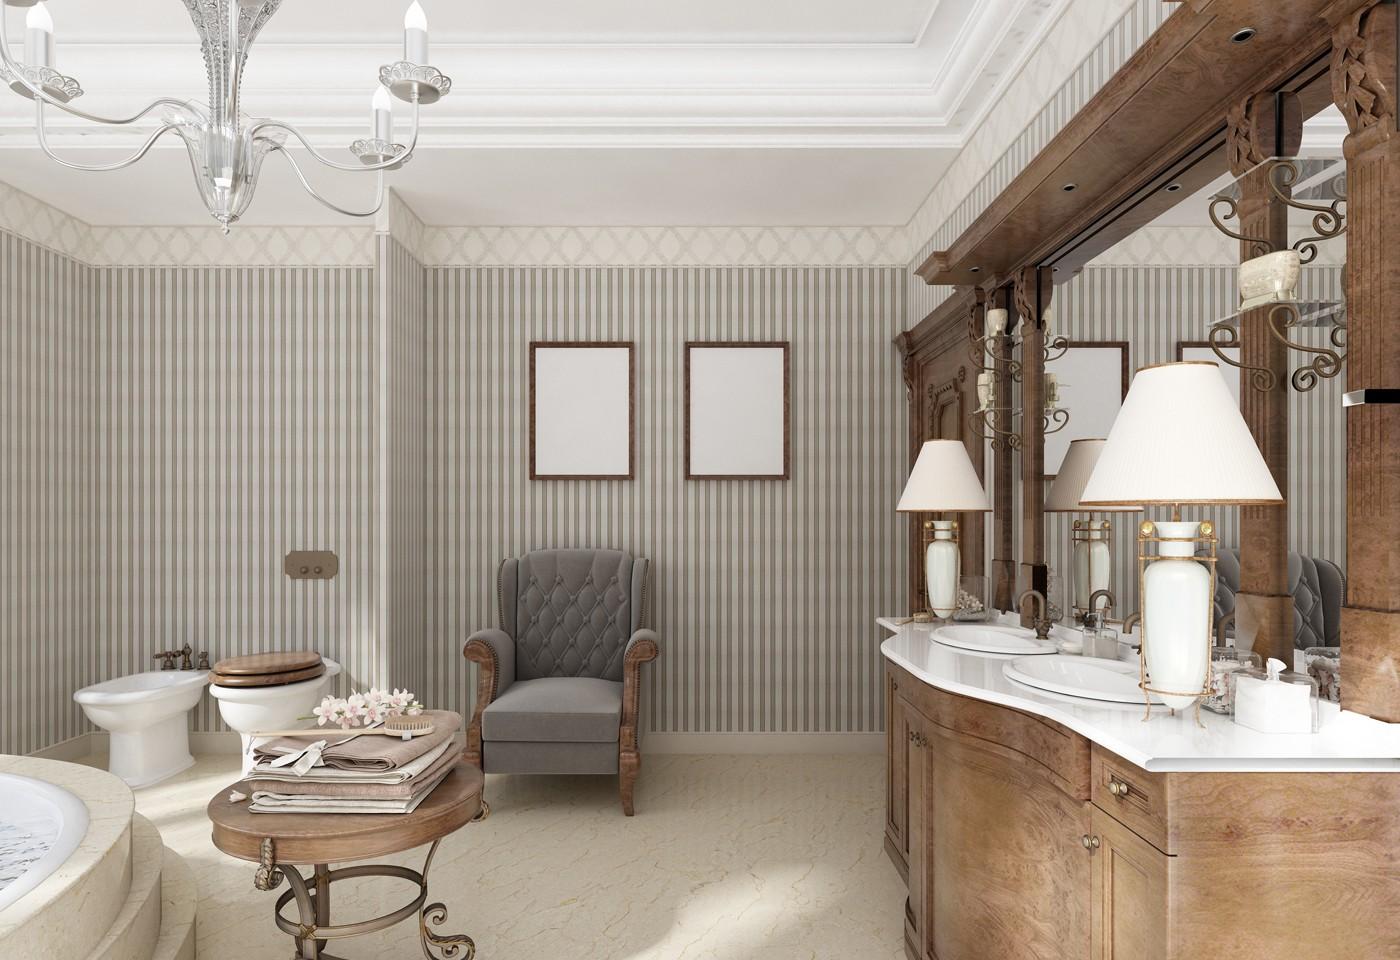 Arredamento classico moderno spazi sofisticati ed eleganti for Arredamento moderno classico